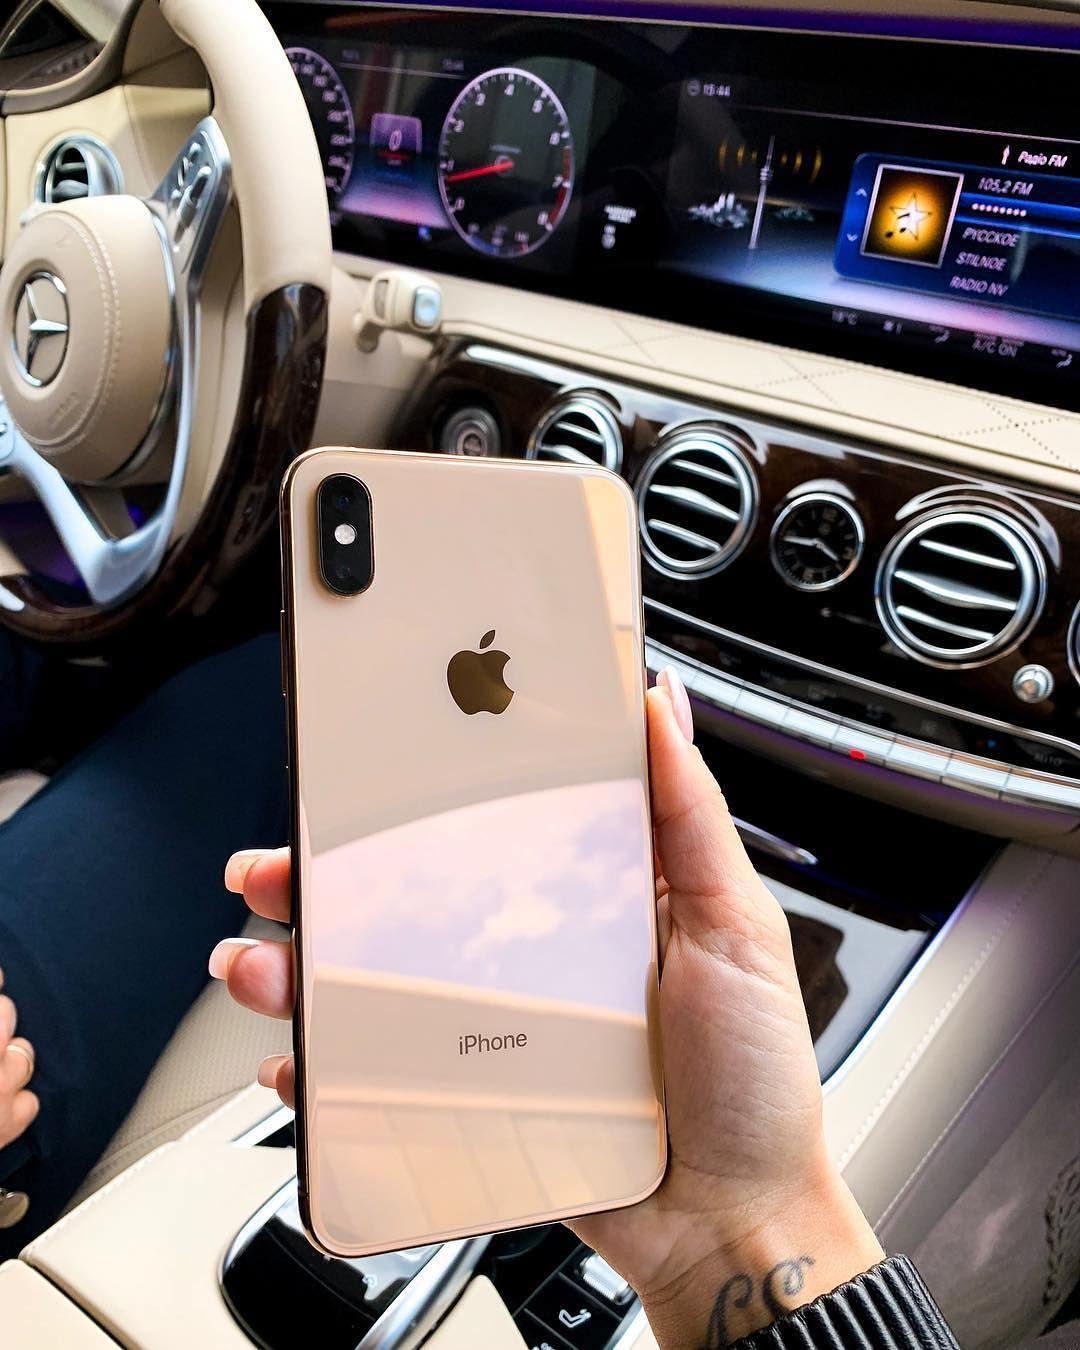 طوكيو للهواتف المتحركة On Instagram Iphonexs Max Gold Color Iphonexs Iphonex Iphonexsmax Iphone Iphone Accessories Apple Phone